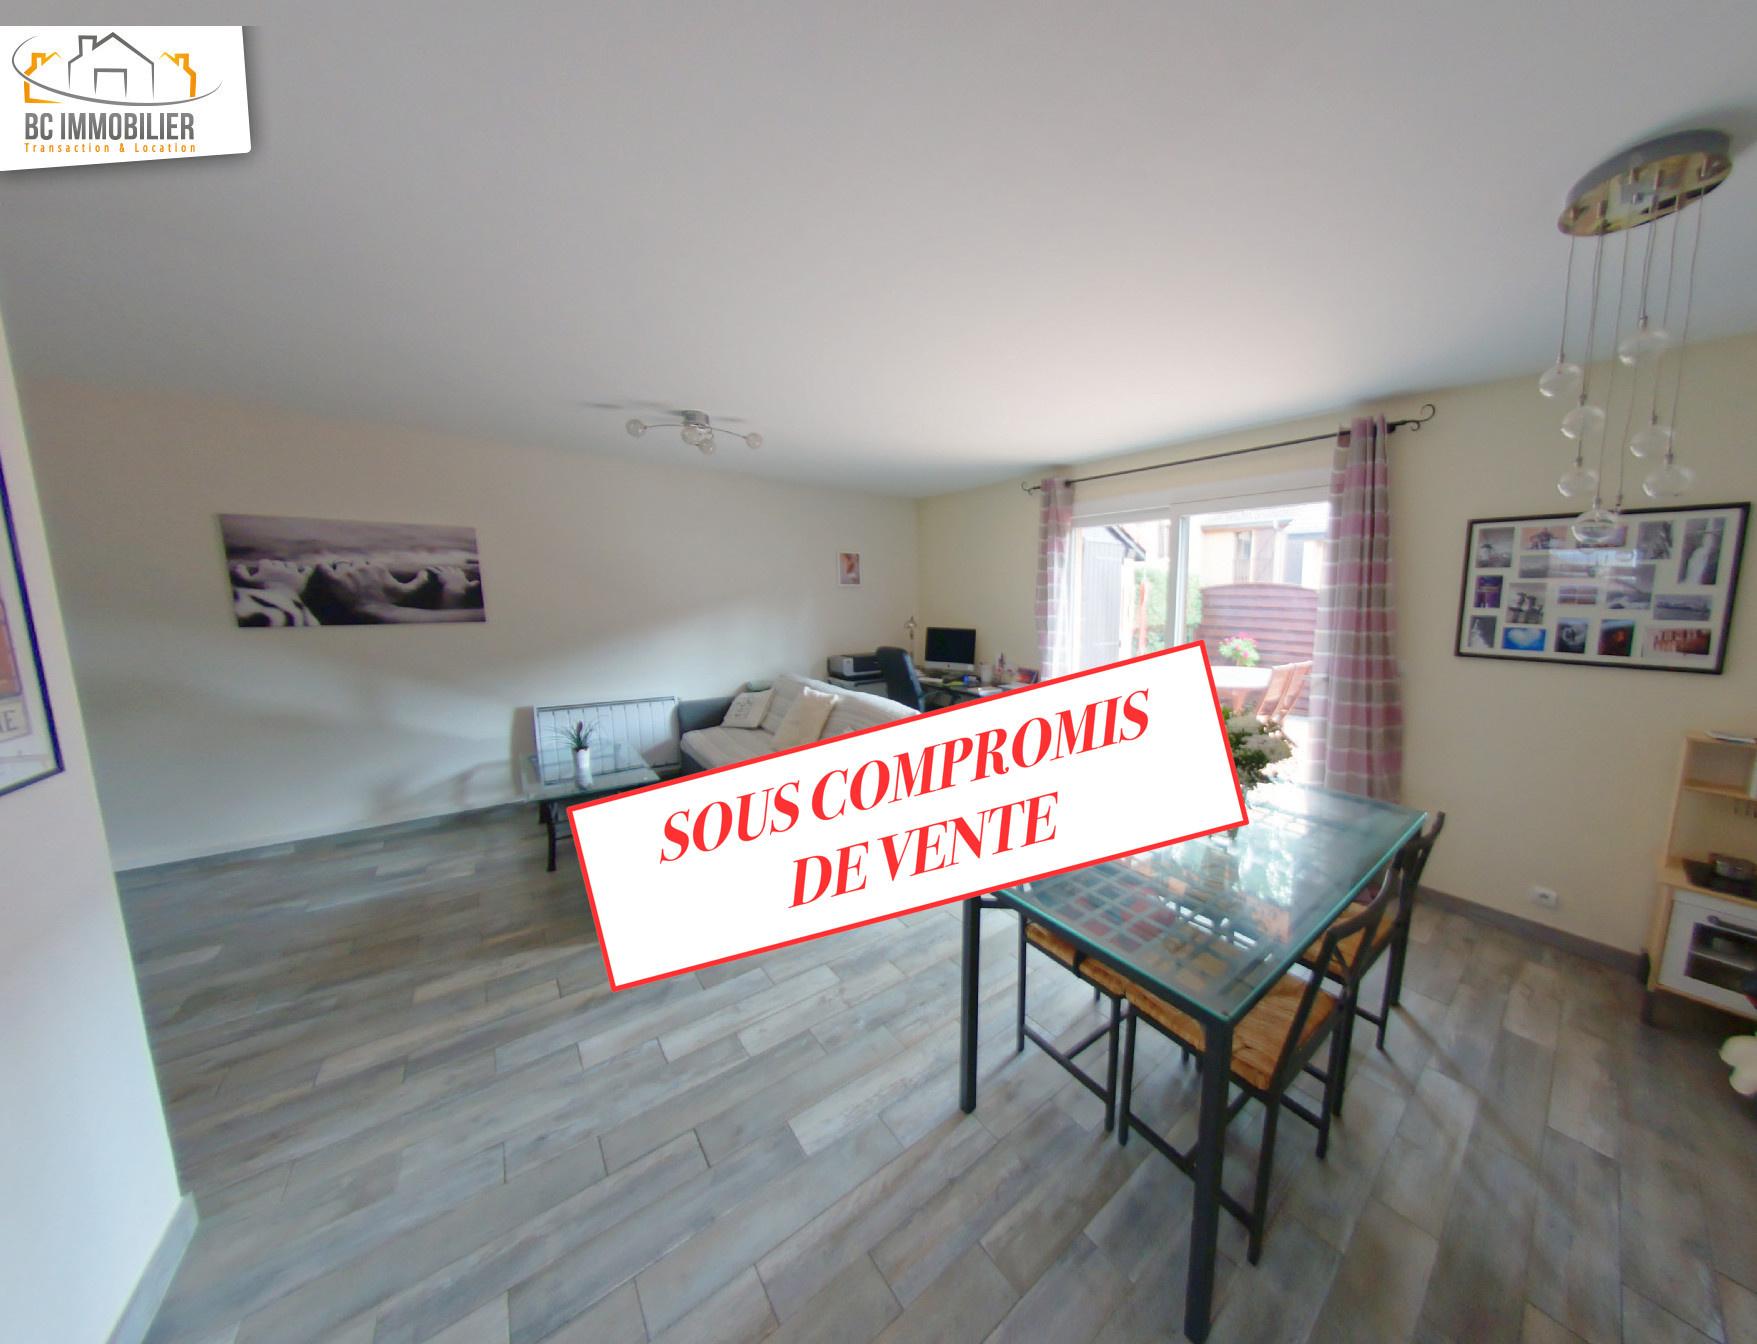 Vente appartement ferney voltaire villas et maisons au for Acheter maison ferney voltaire